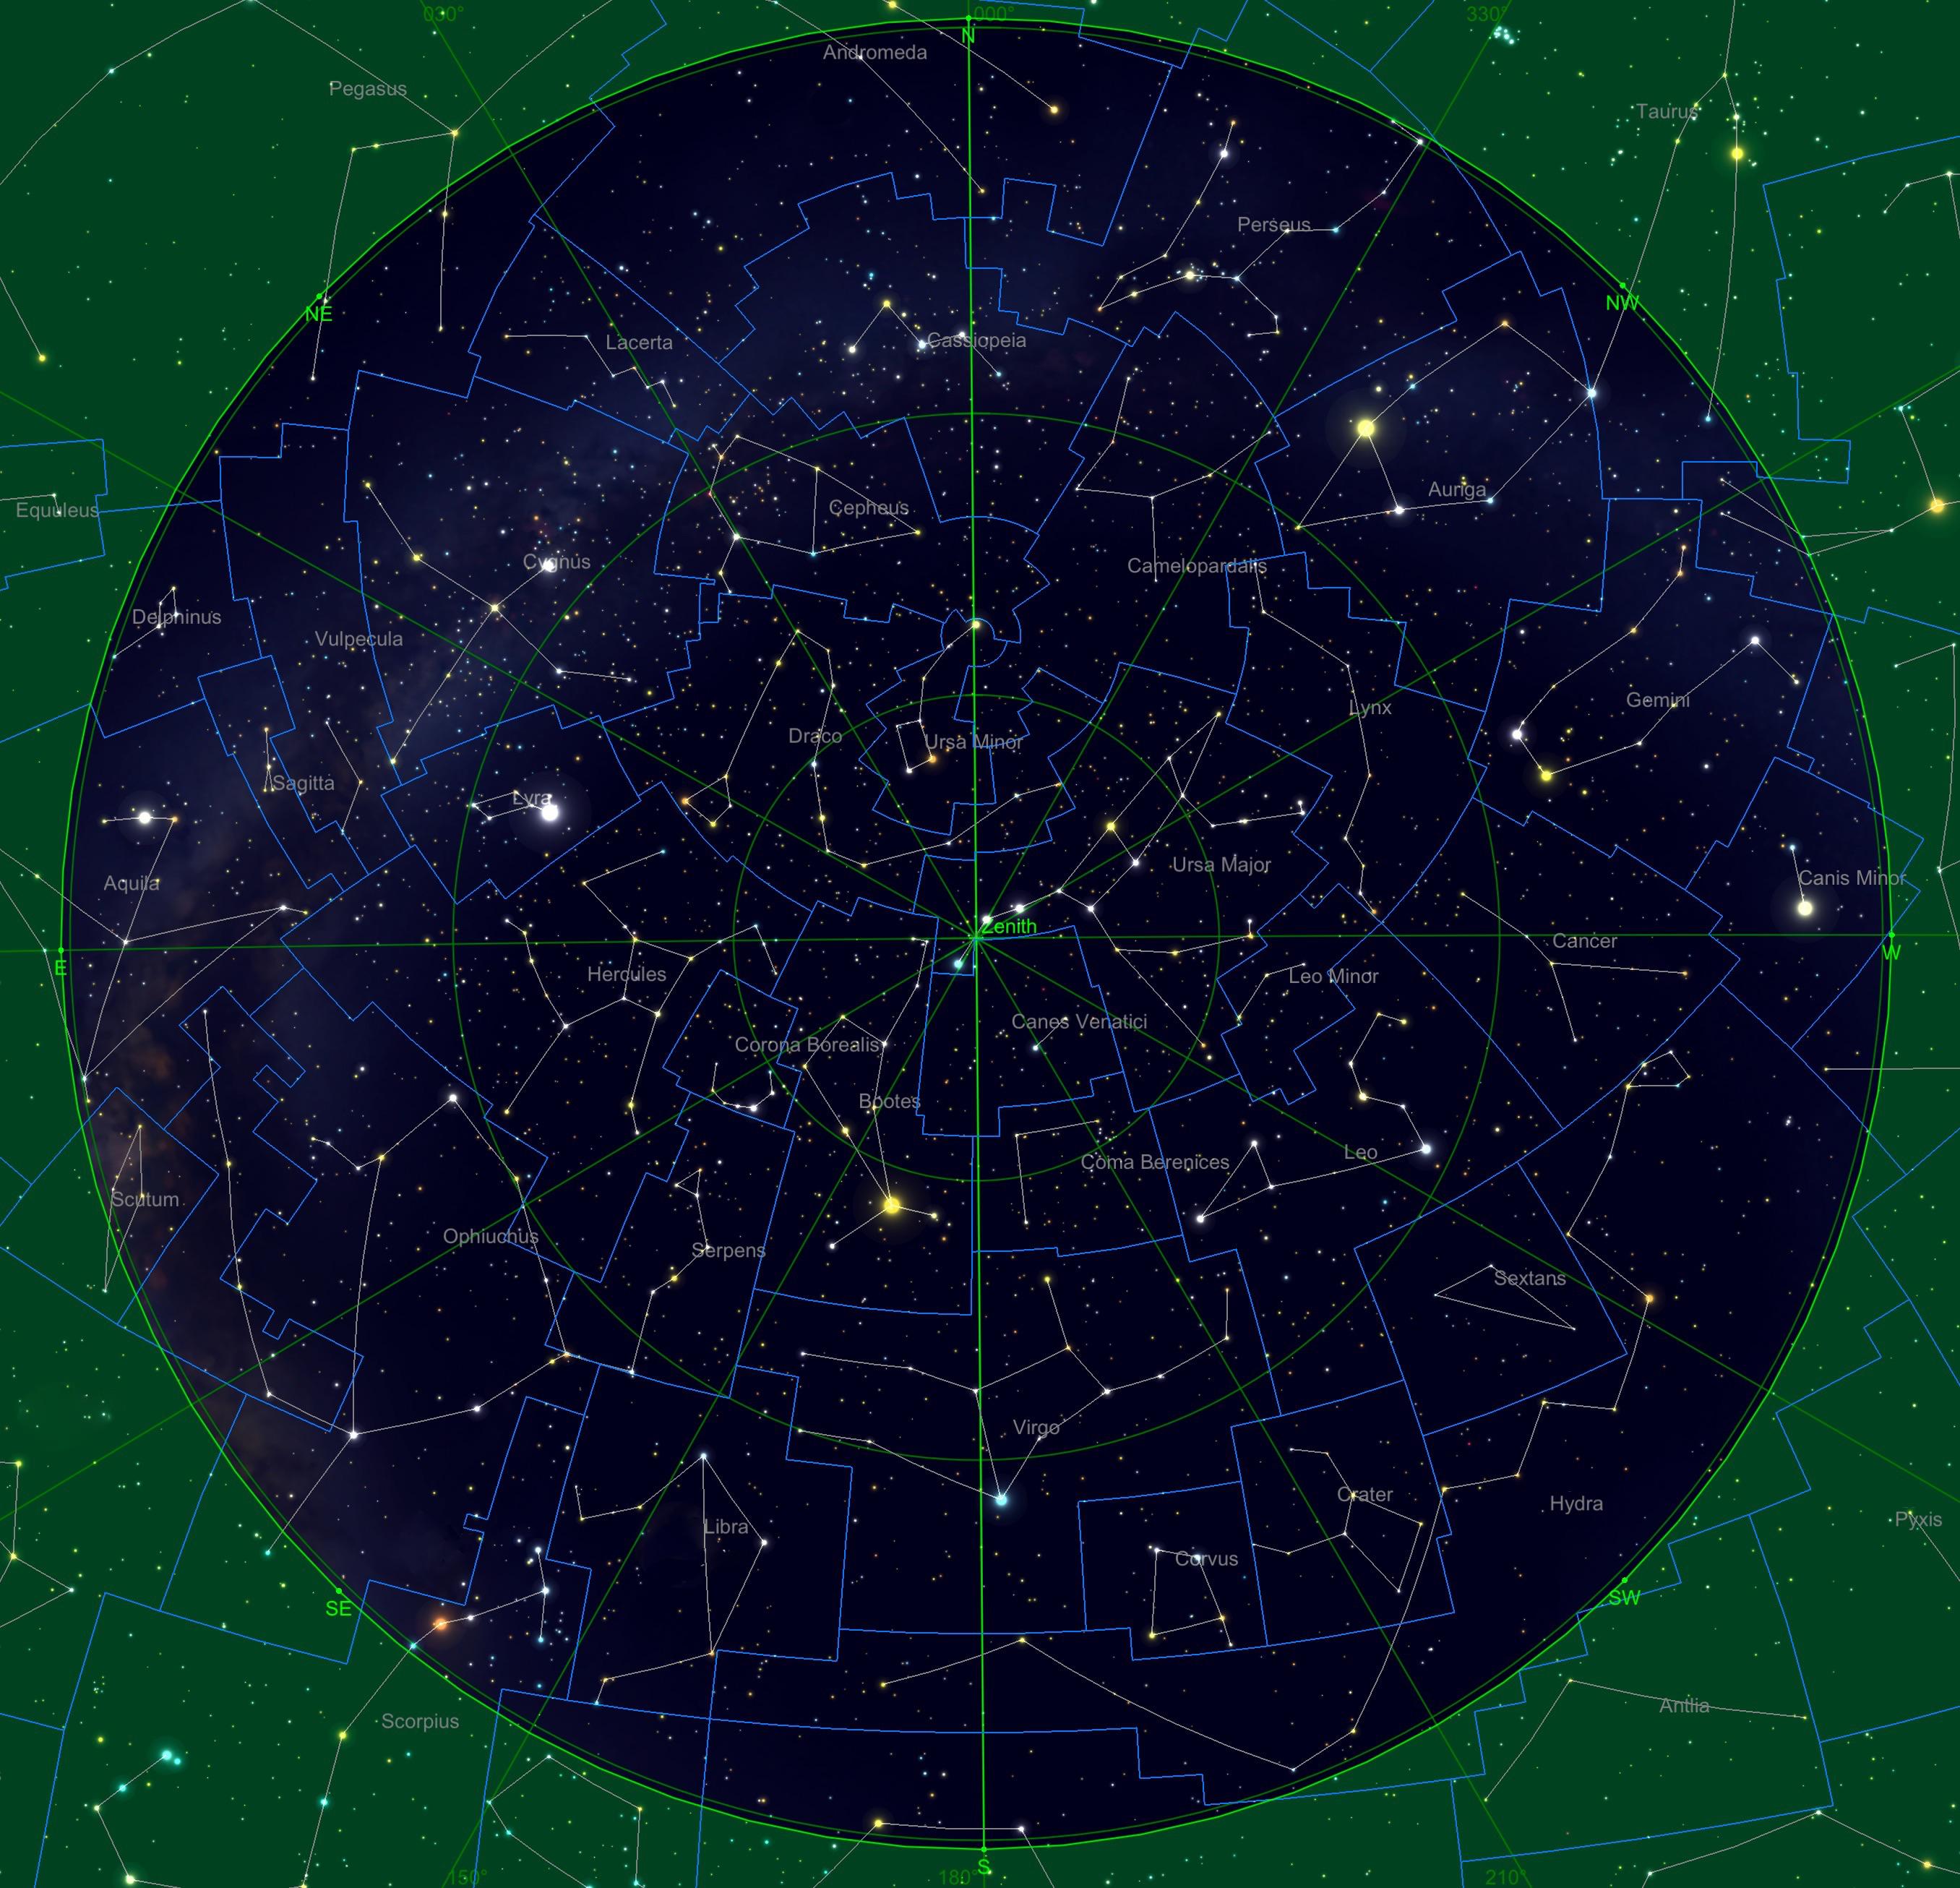 Sternhimmel am 15.02.20, 04:00 Uhr